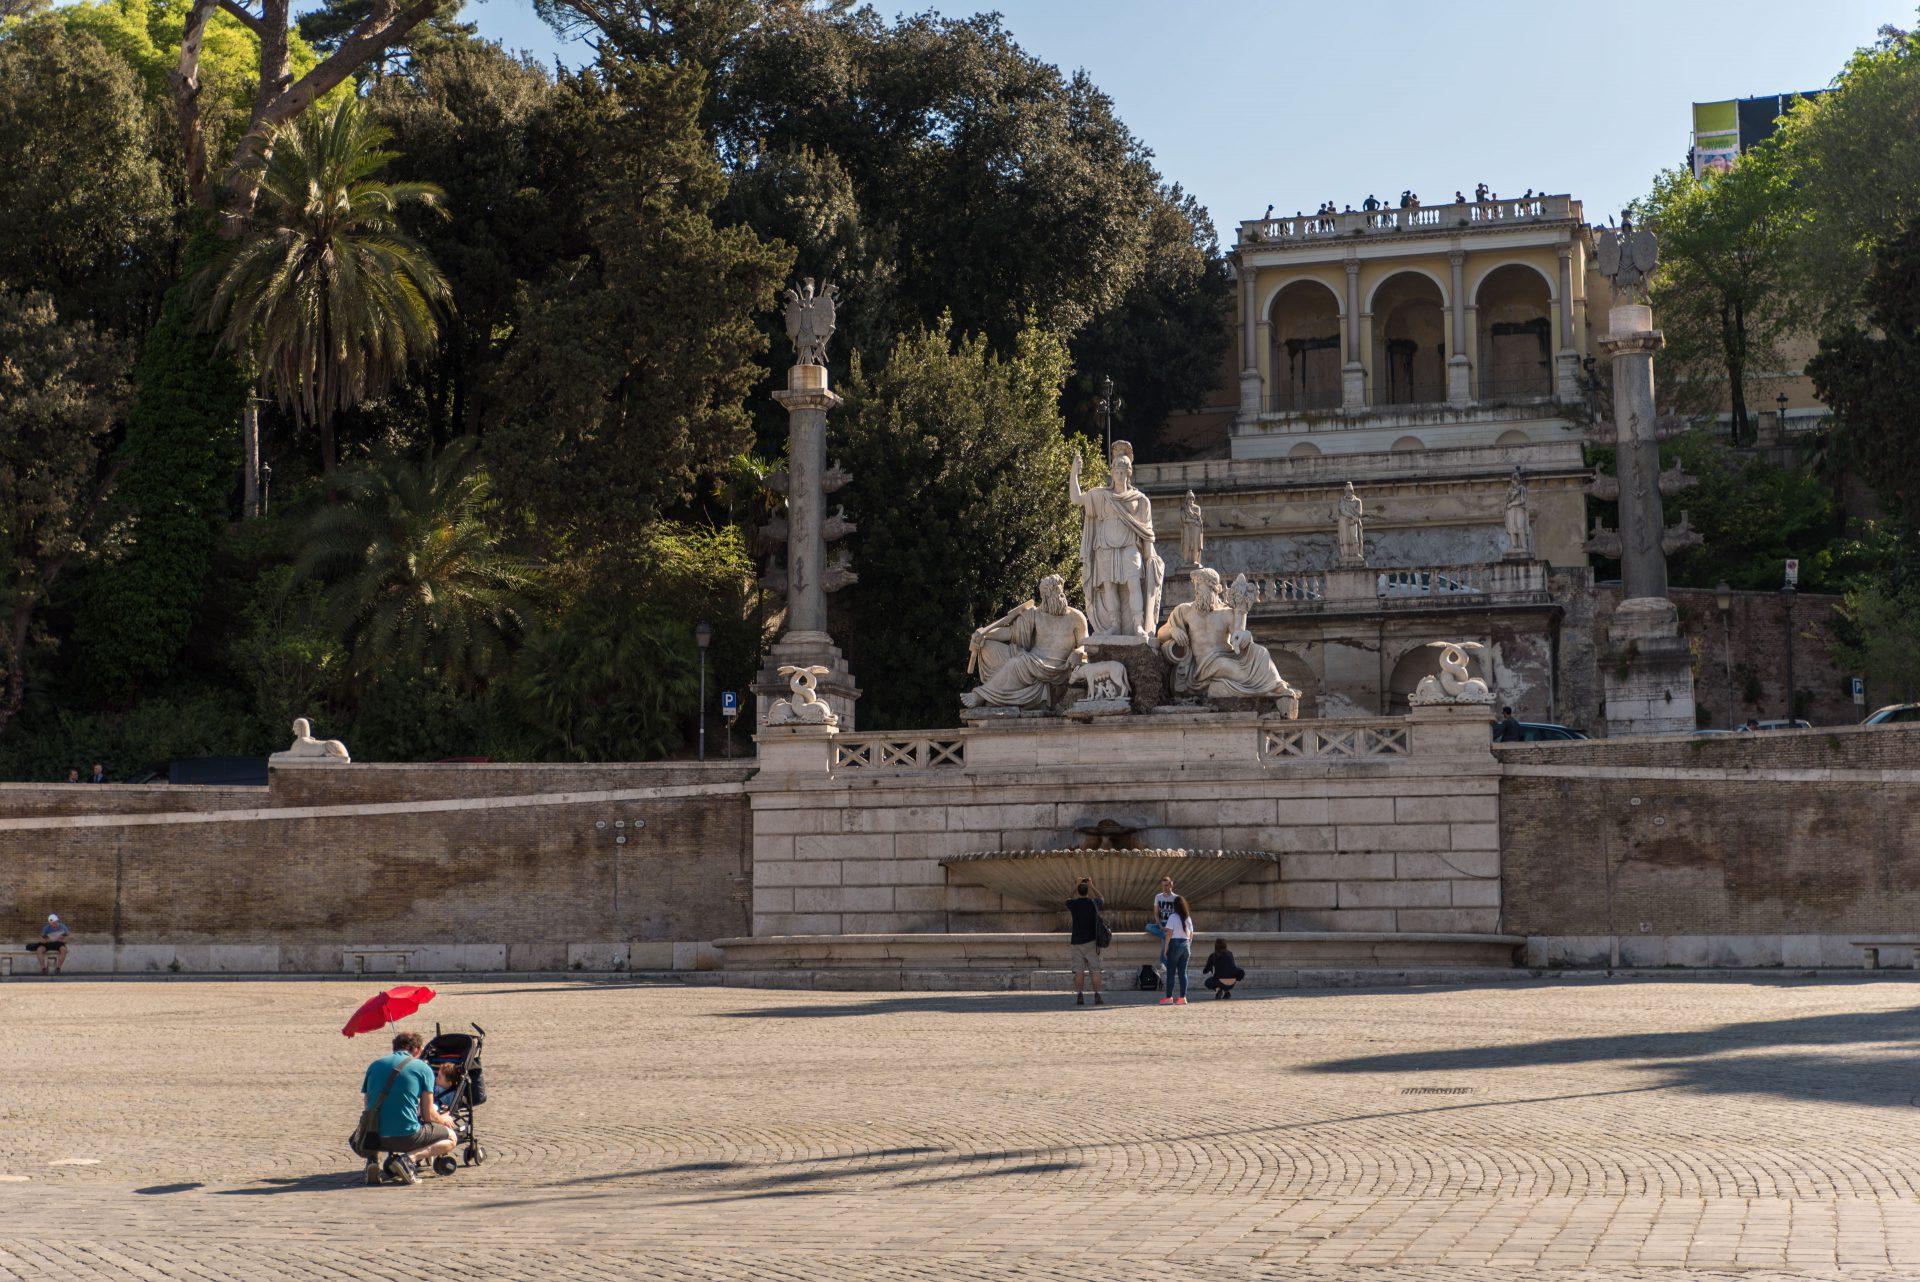 Terrazza del Pincio, Villa Borghese